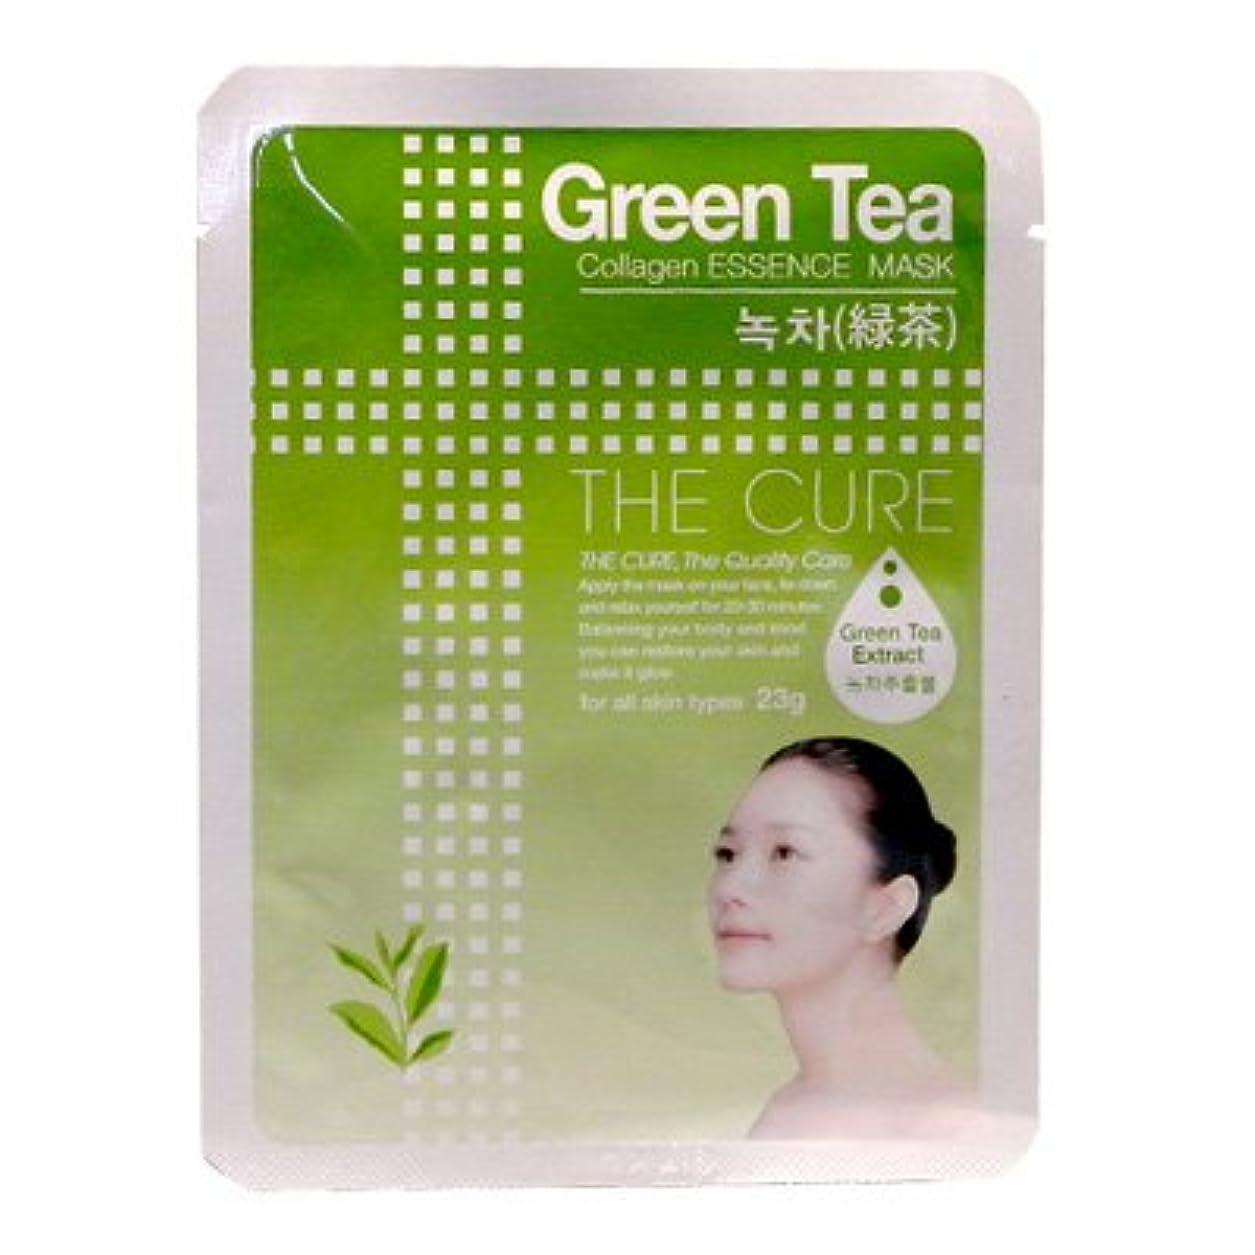 複製する対抗類似性CURE マスク シートパック 緑茶